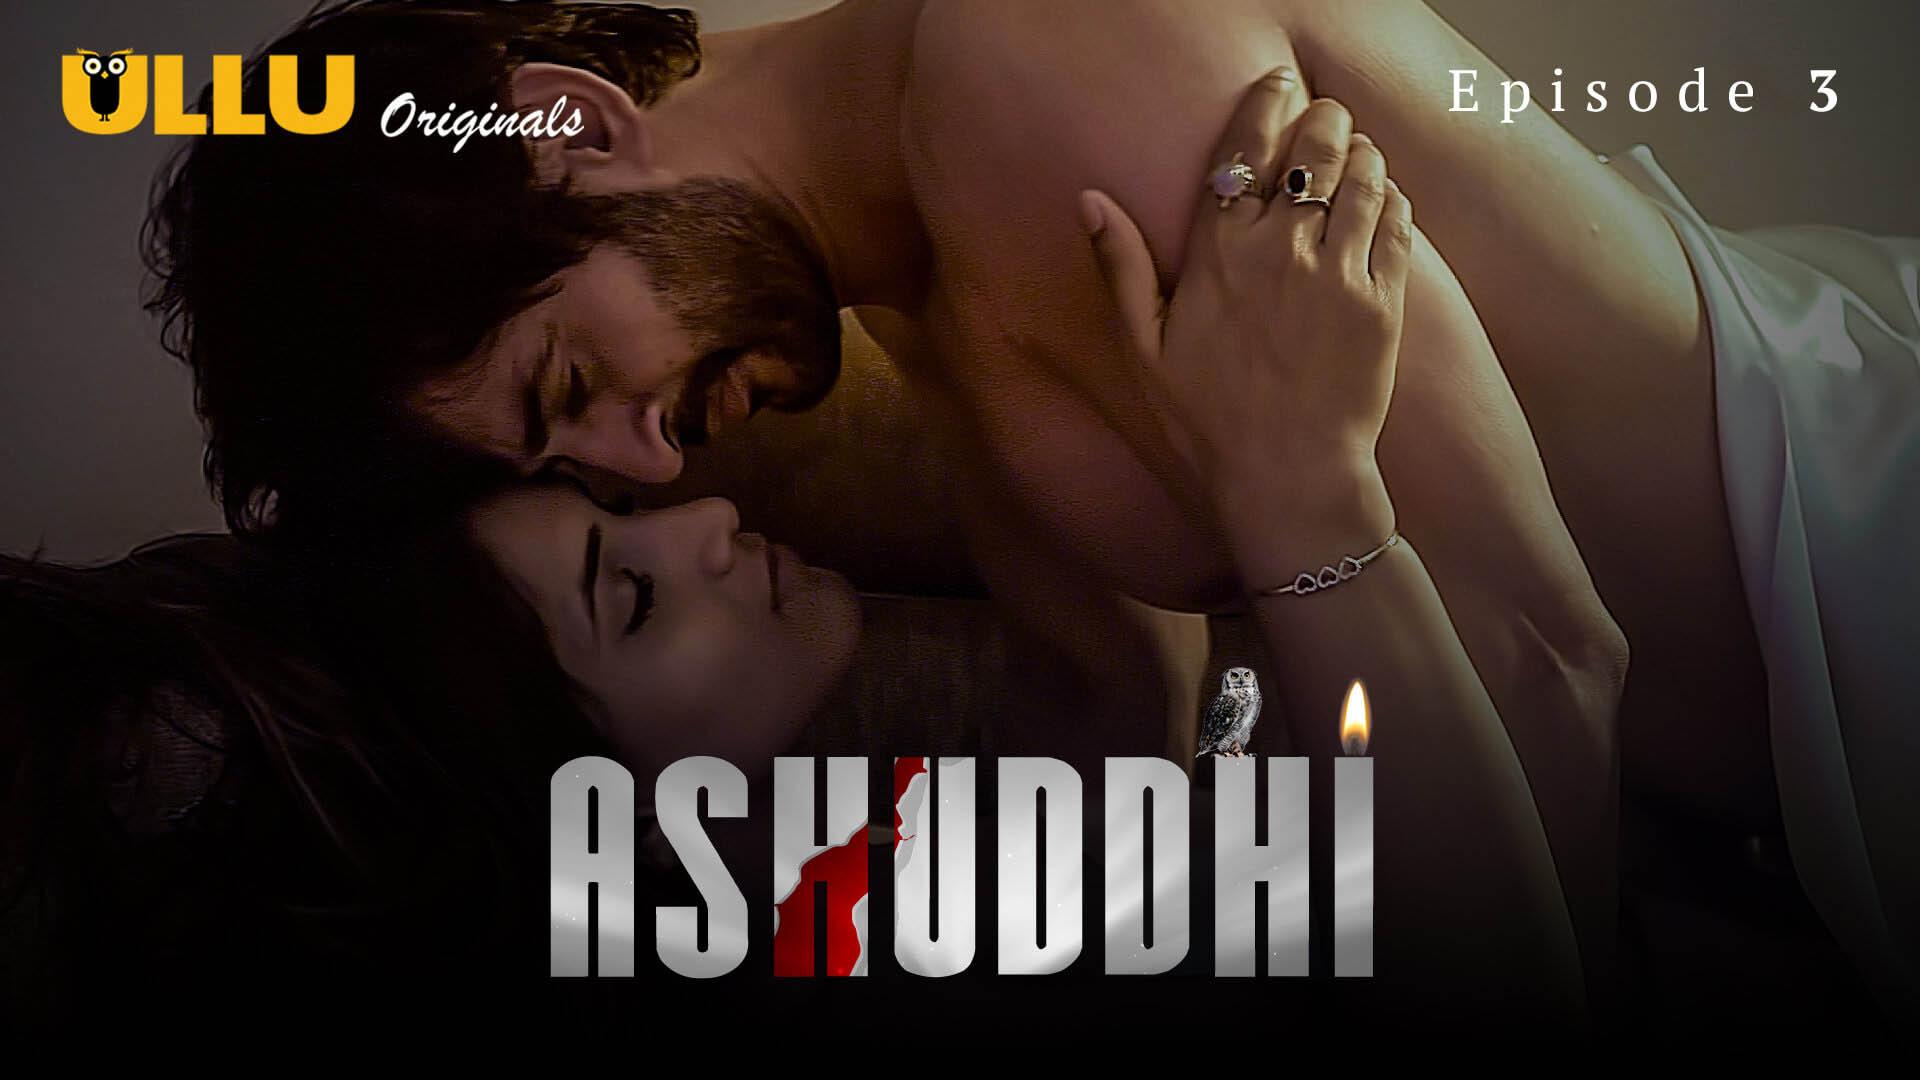 Ashuddhi 2020 S01 banner